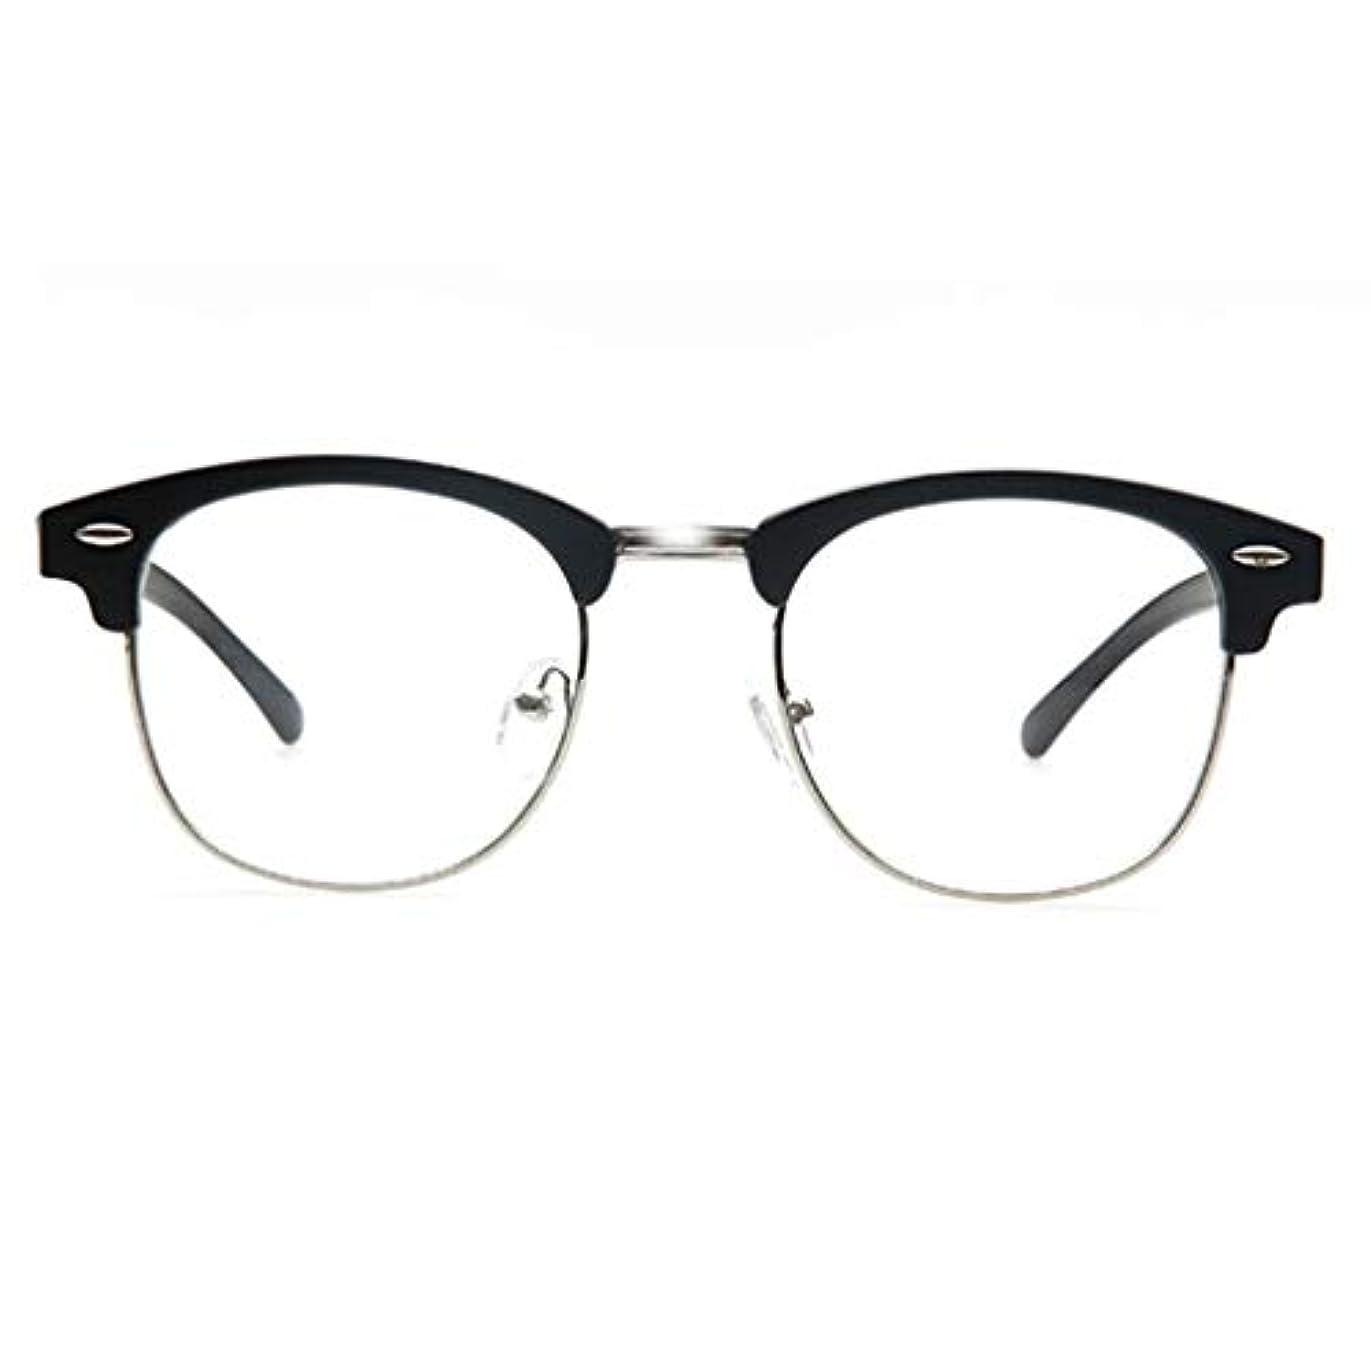 男性用および女性用老眼鏡高透明樹脂レンズ、ヒンジ、快適なカードリーダーメタル、サンリーダーを含む男性用および女性用ラウンドリーダー